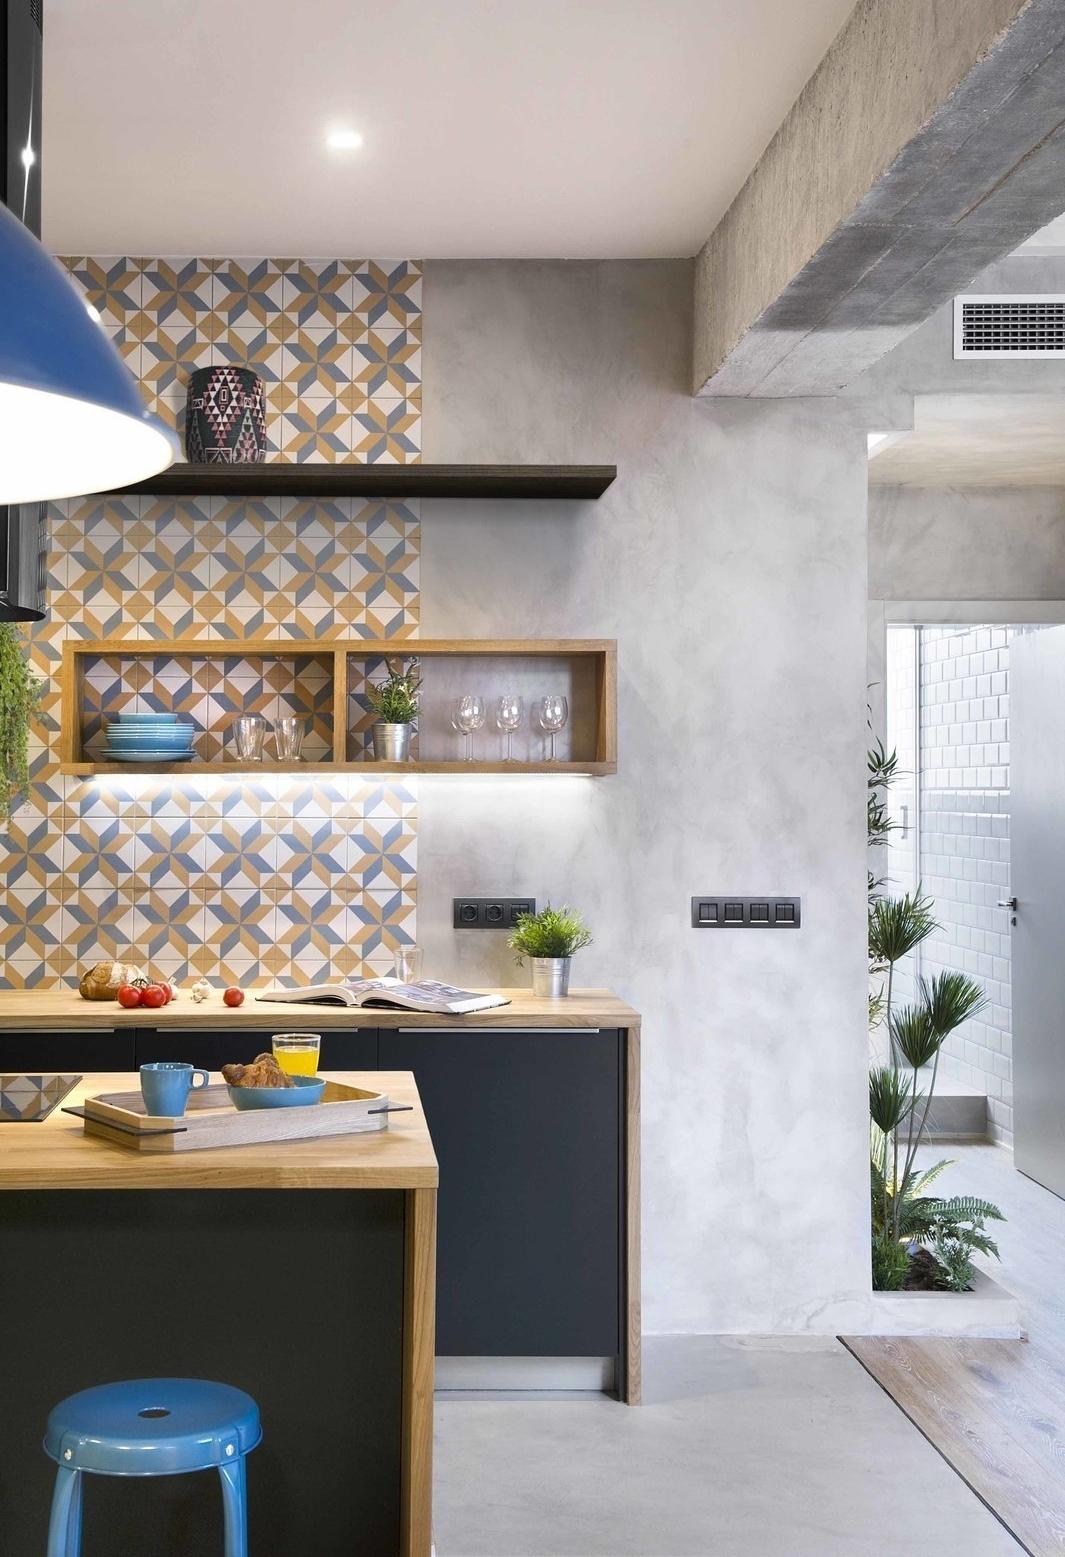 Entre o tradicional e o contemporâneo: uma ideia de cozinha colorida com ladrilhos hidráulicos cheios de cor e cimento queimado como decoração